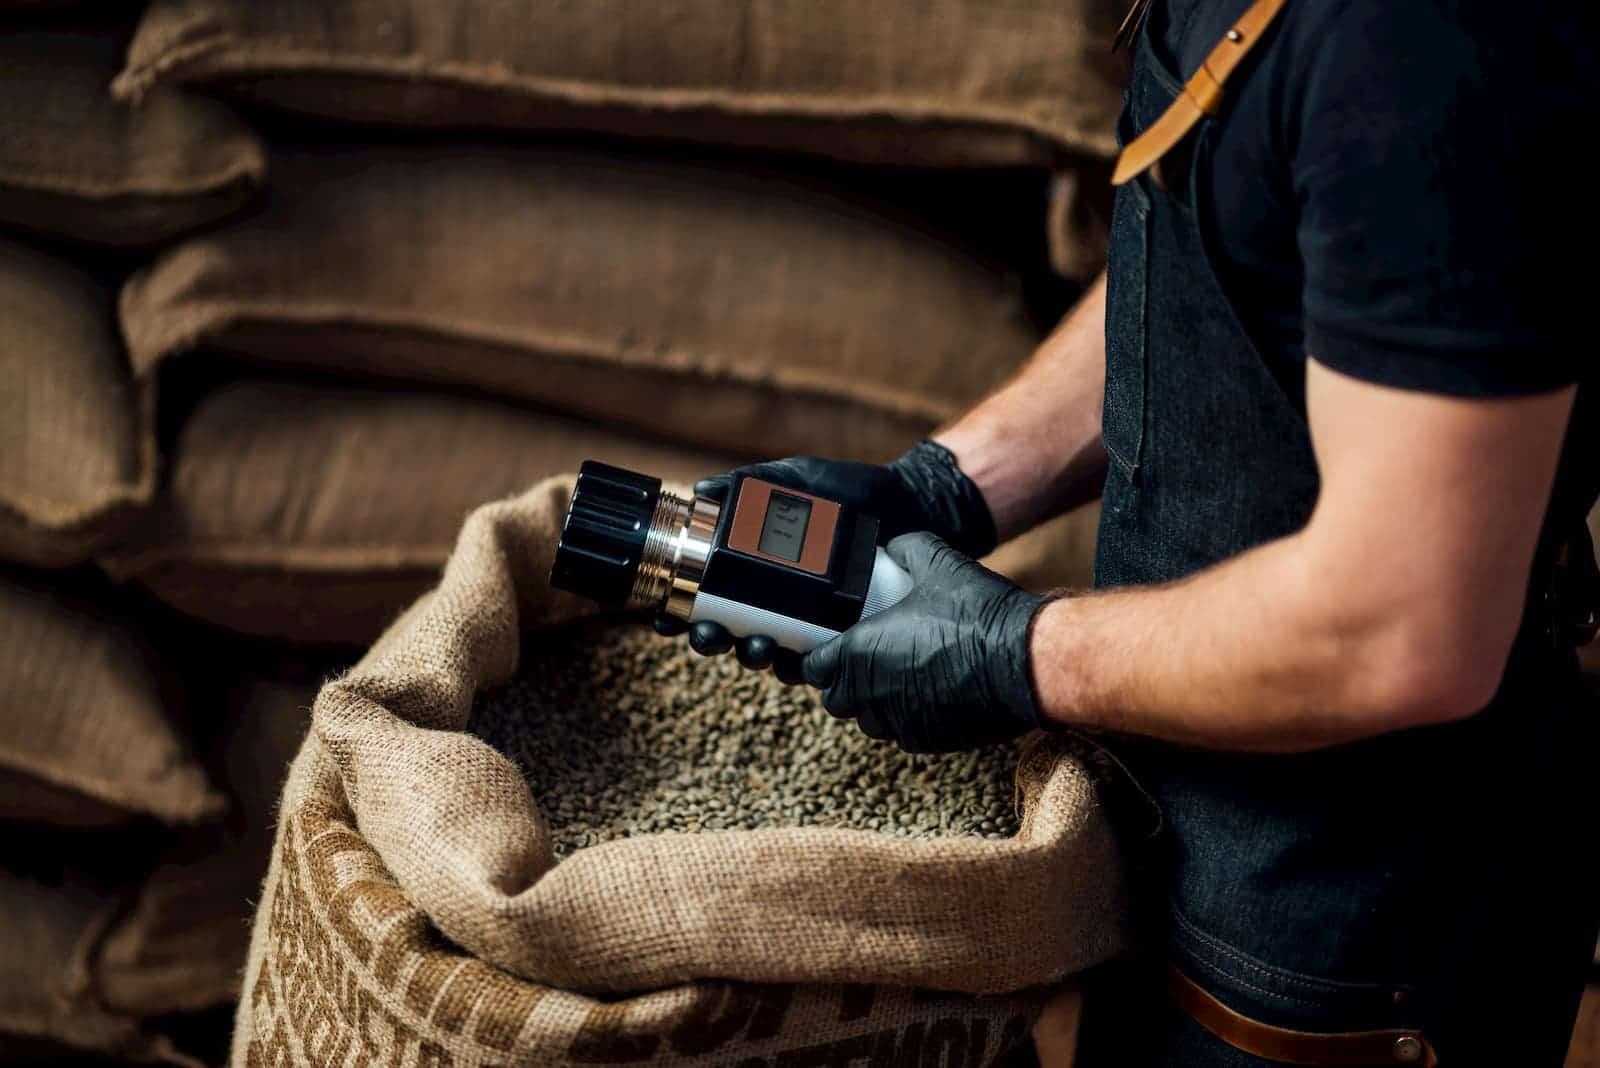 mensurando qualidade do café